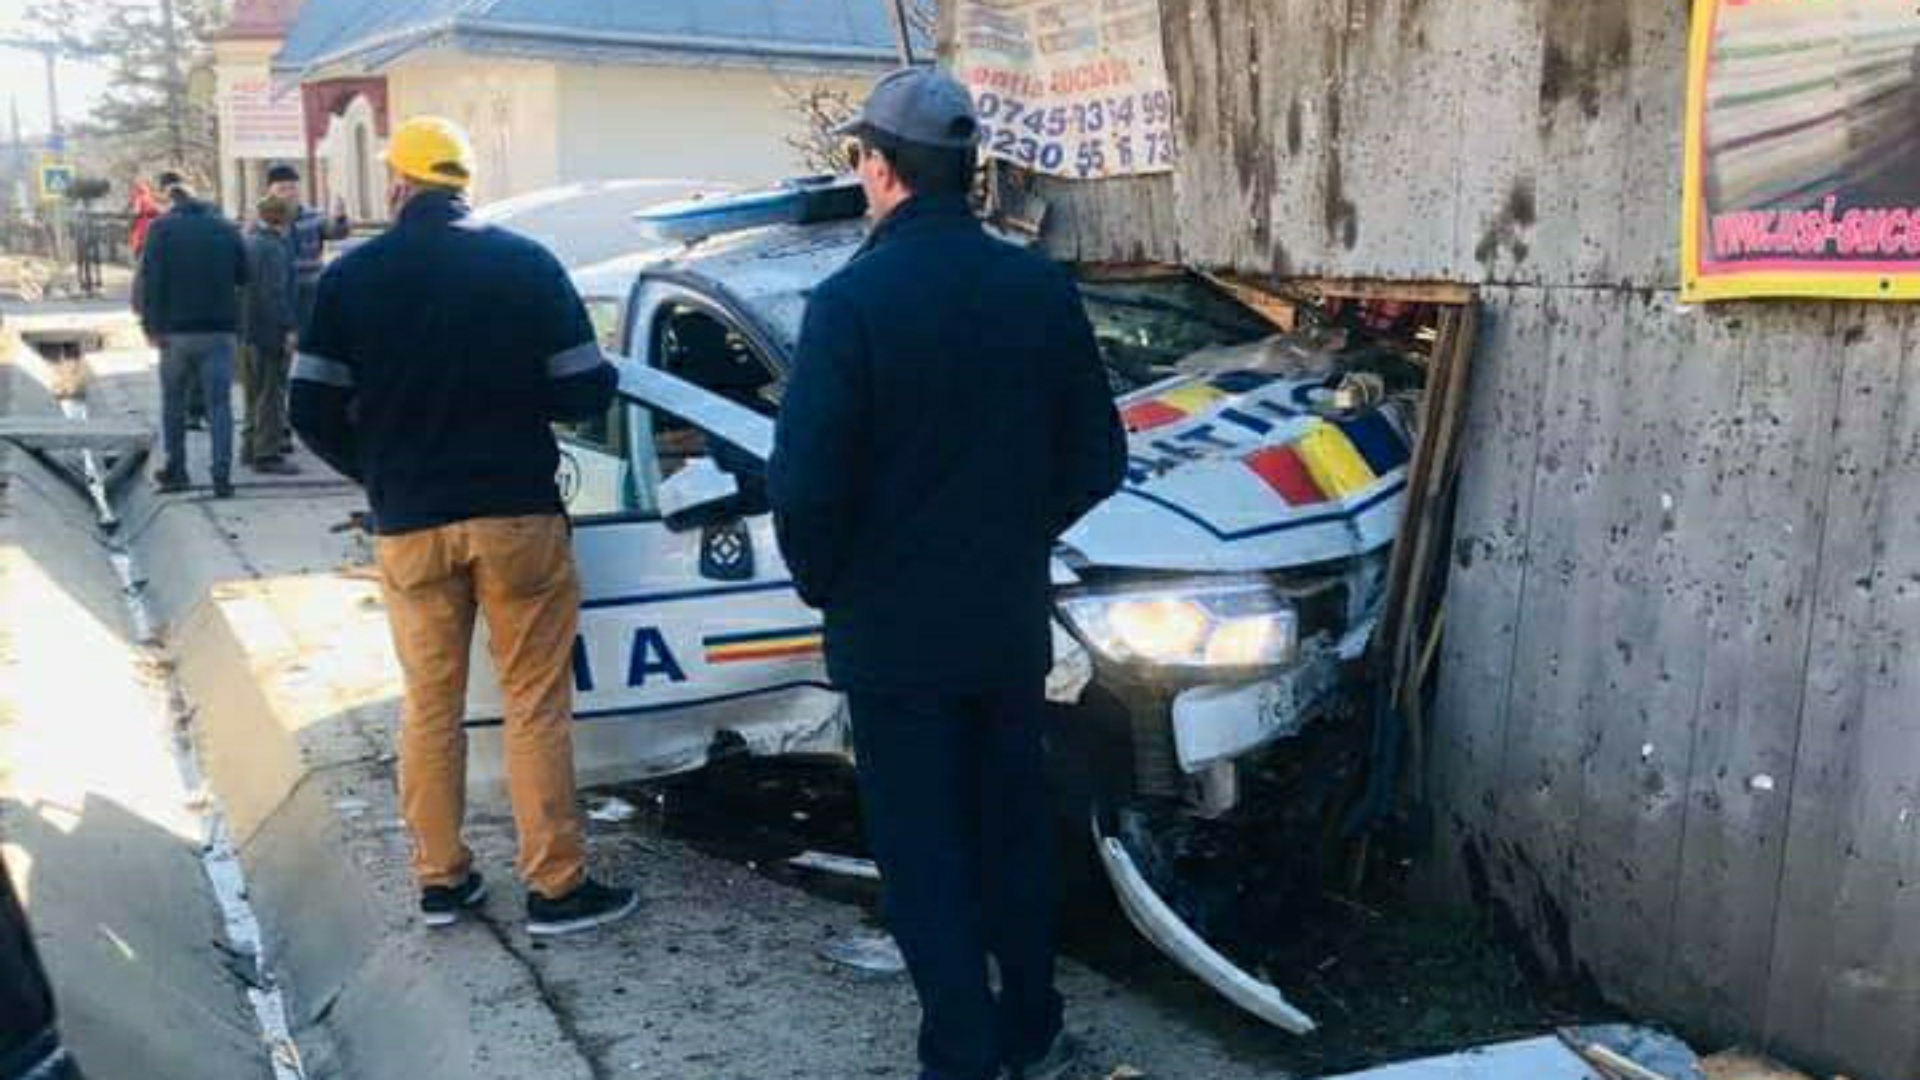 Foto | Autospecială de poliție, implicată într-un accident rutier!